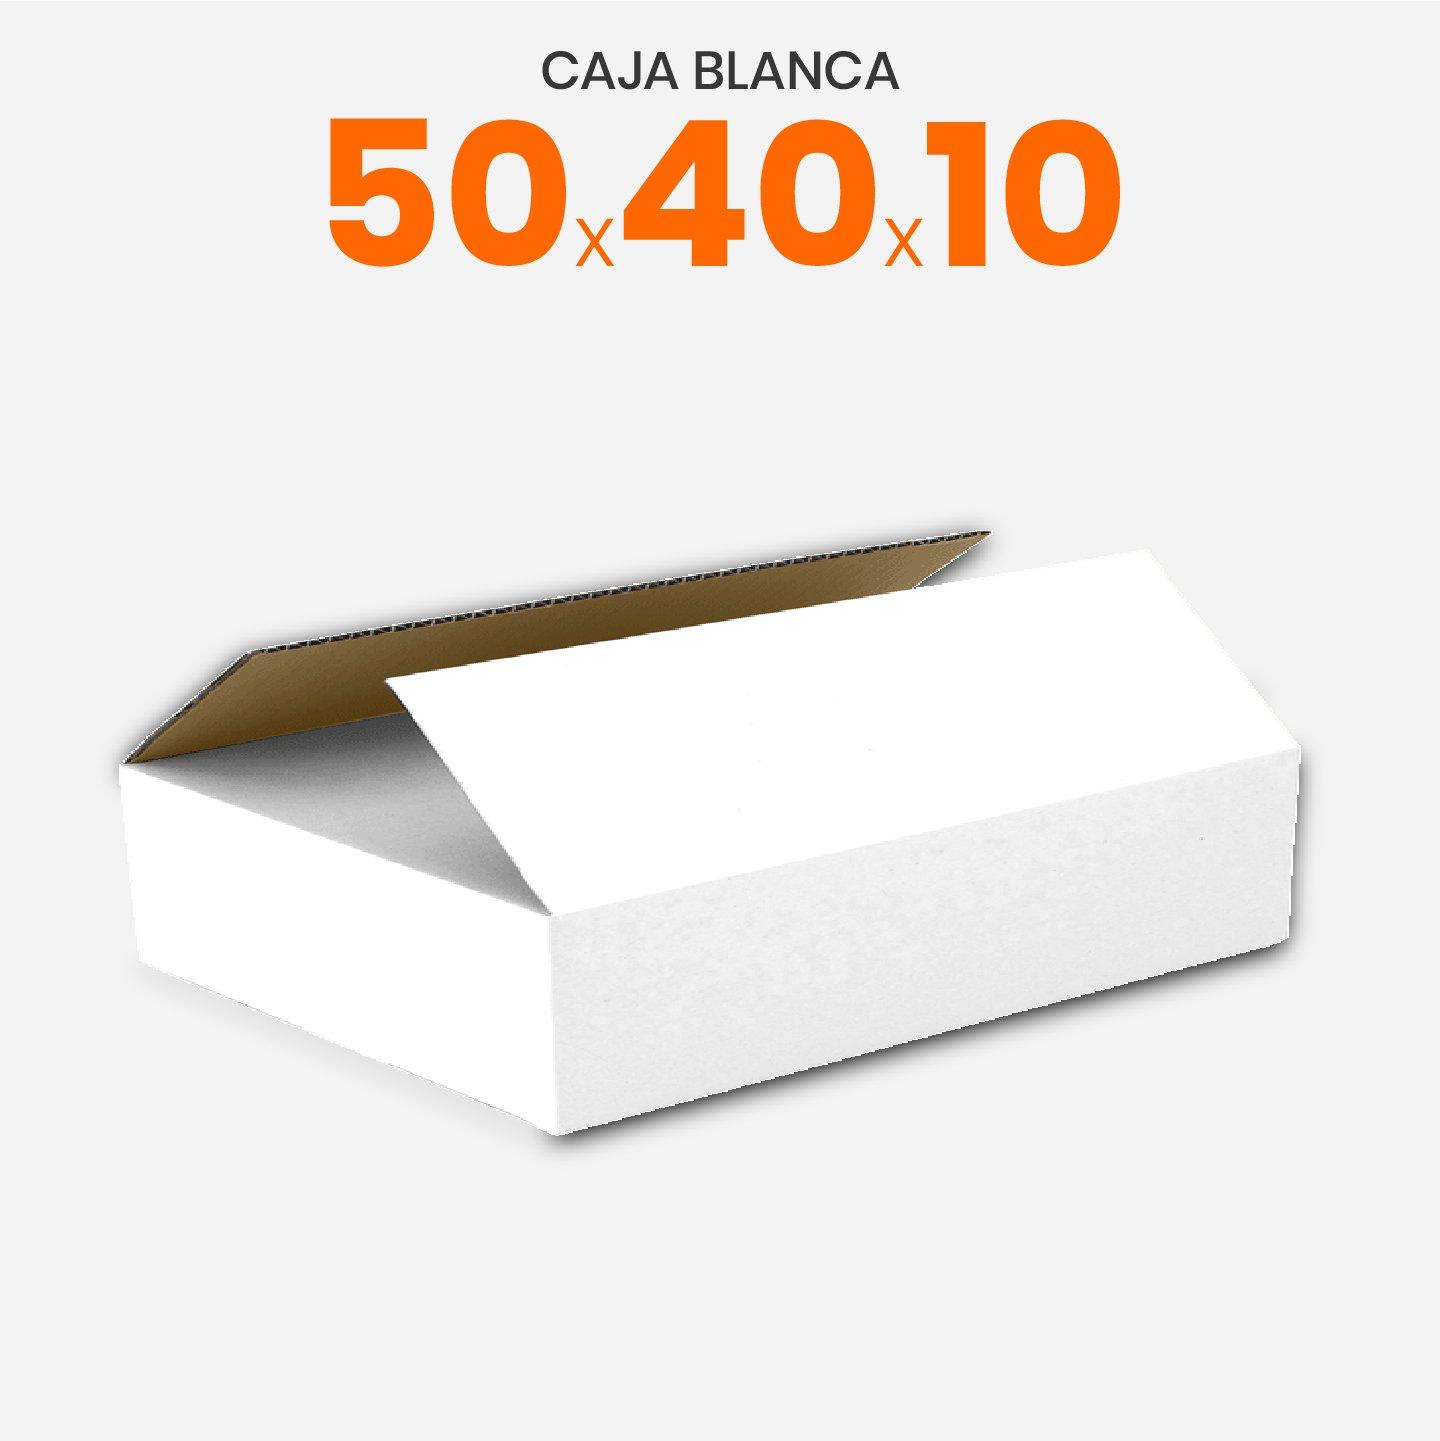 Caja De Cartón Corrugado Reforzada Blanca 50x40x10